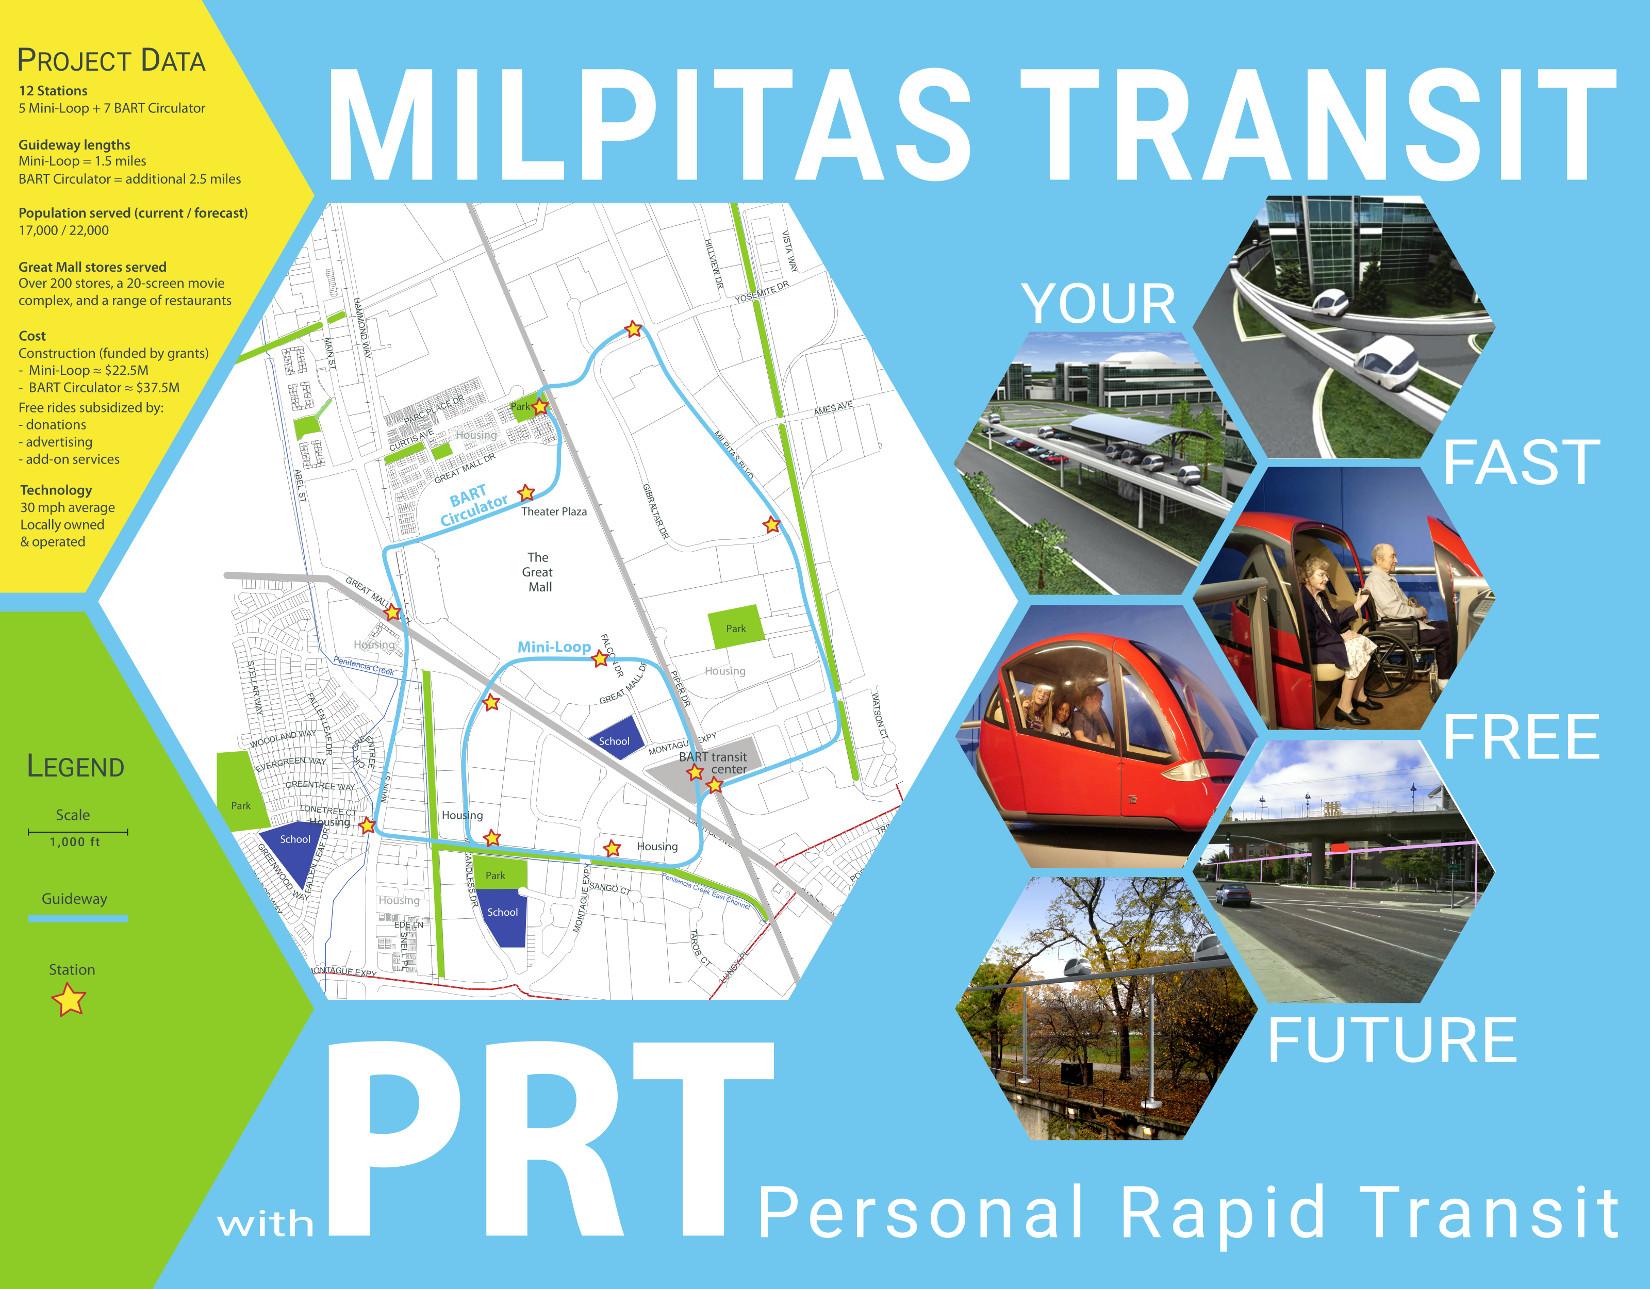 posterPRT-6-28-19-postcard